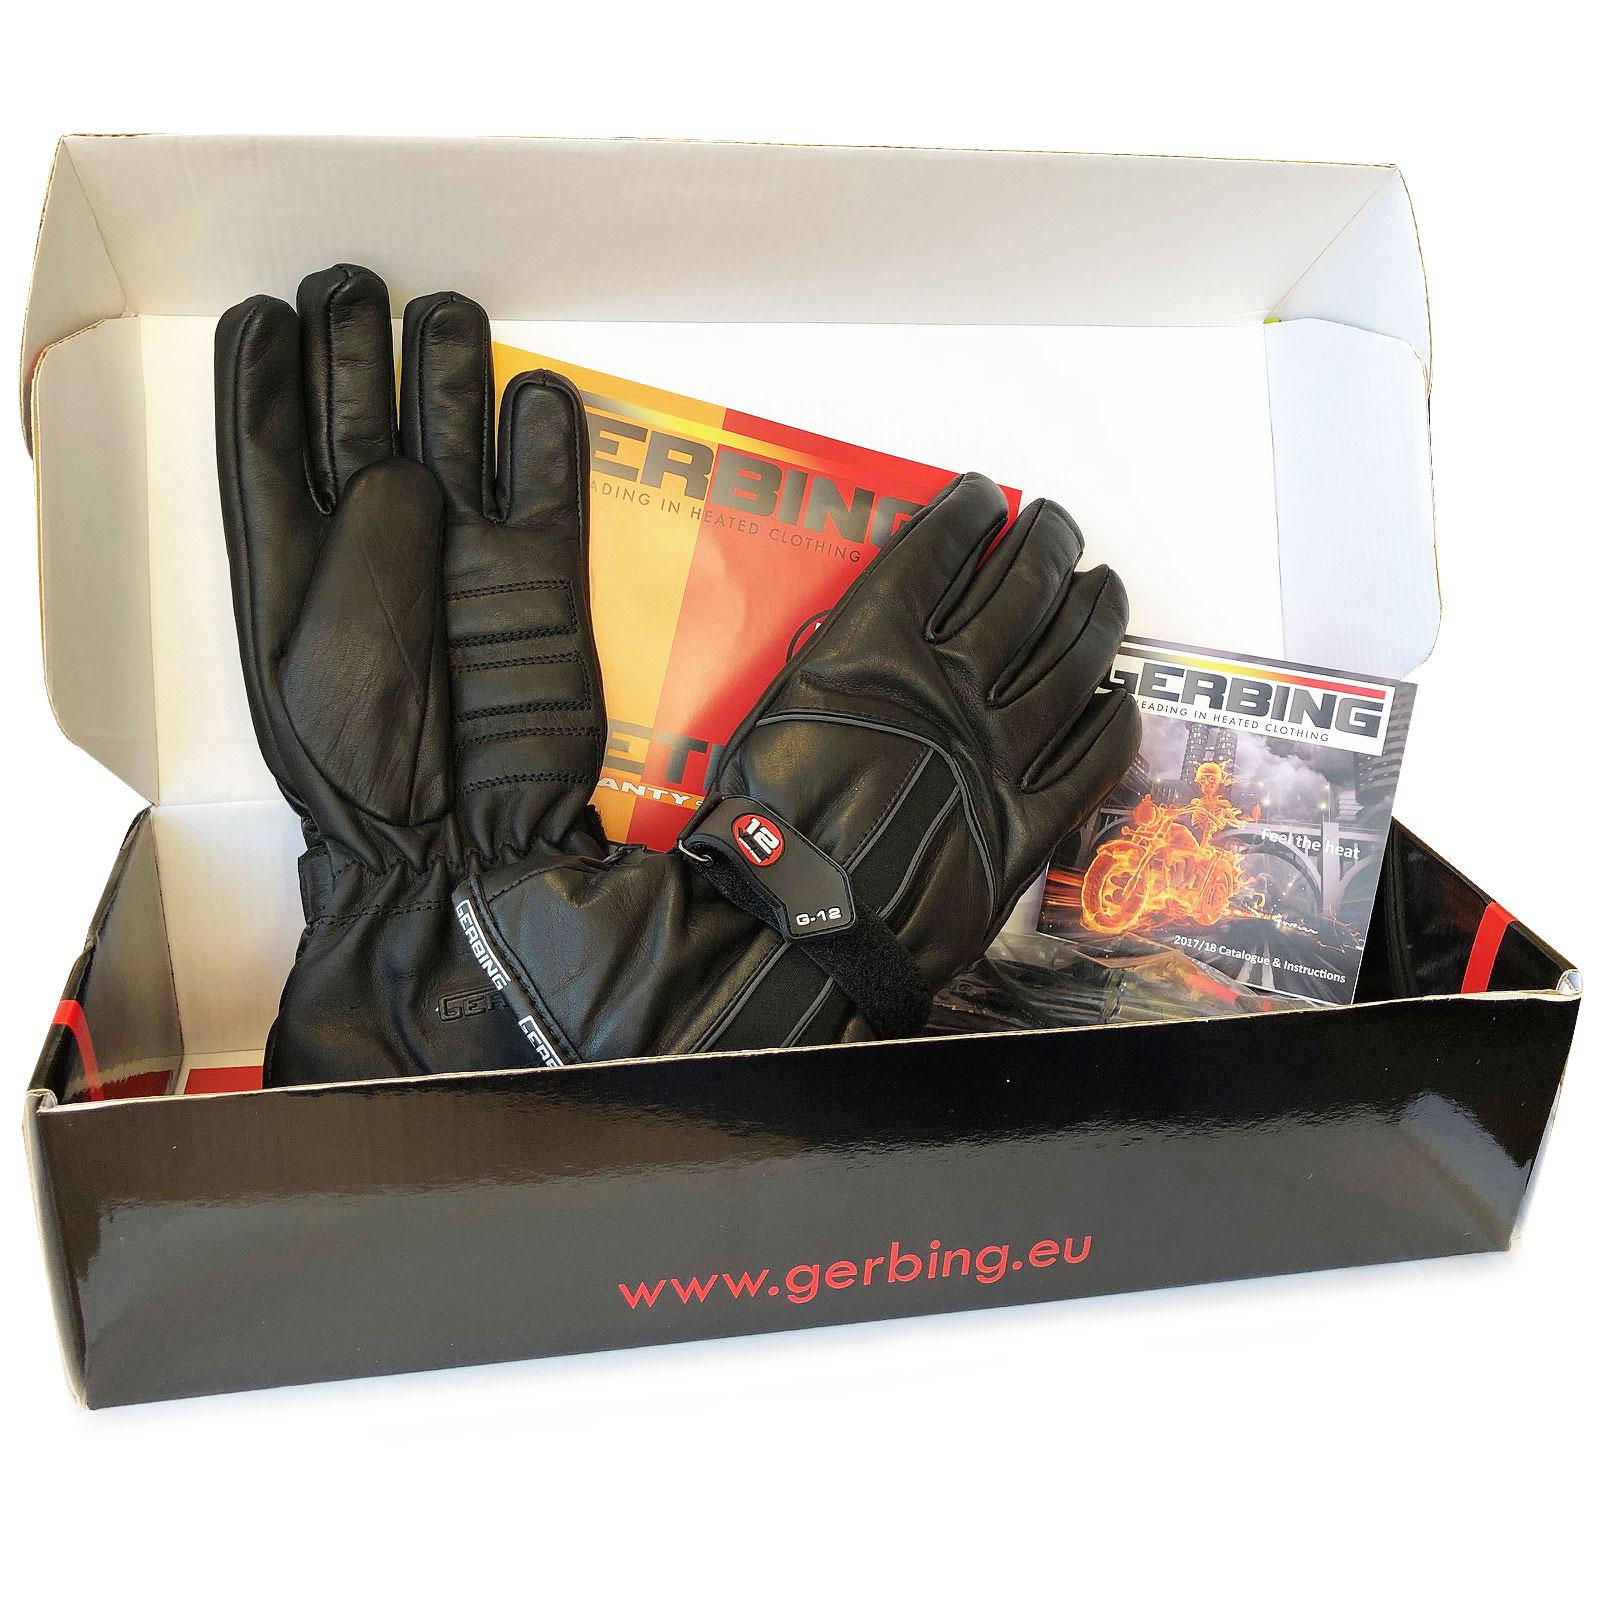 Gerbing G12 Short Heated Motorcycle Gloves Waterproof Windproof